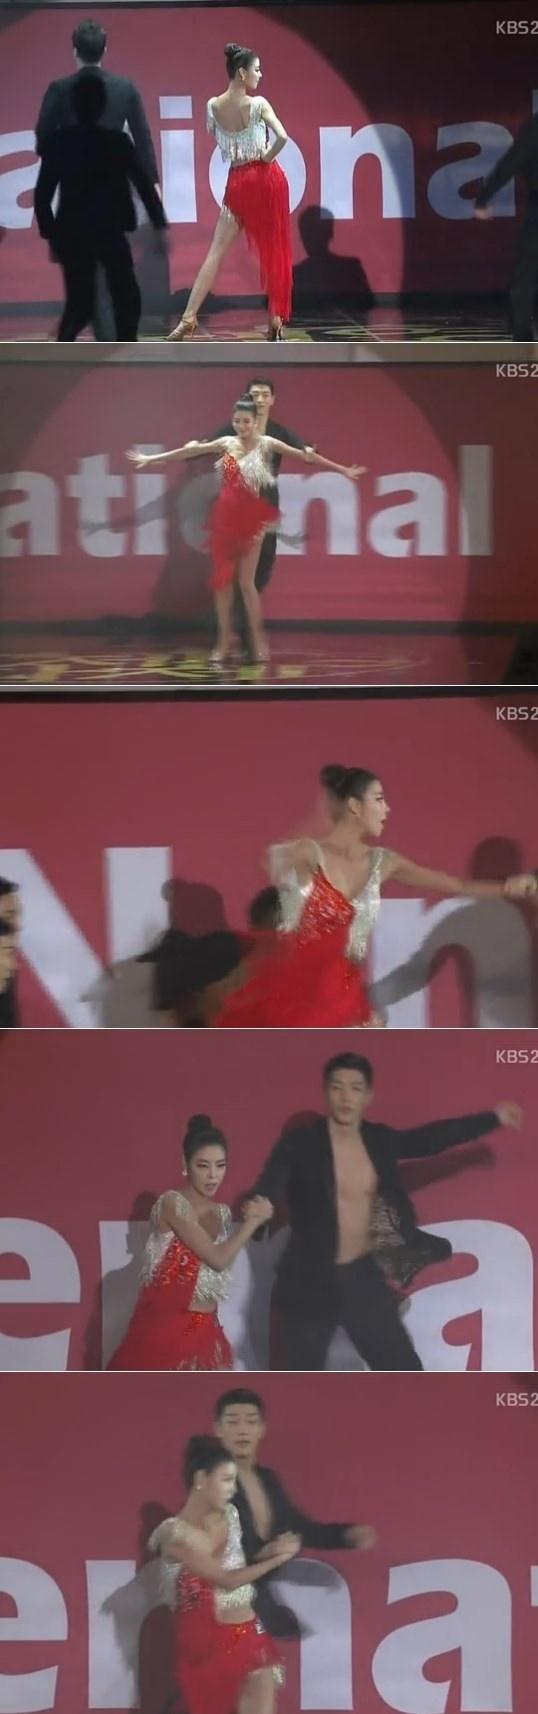 김규리 축하공연, 빨간드레스 화제